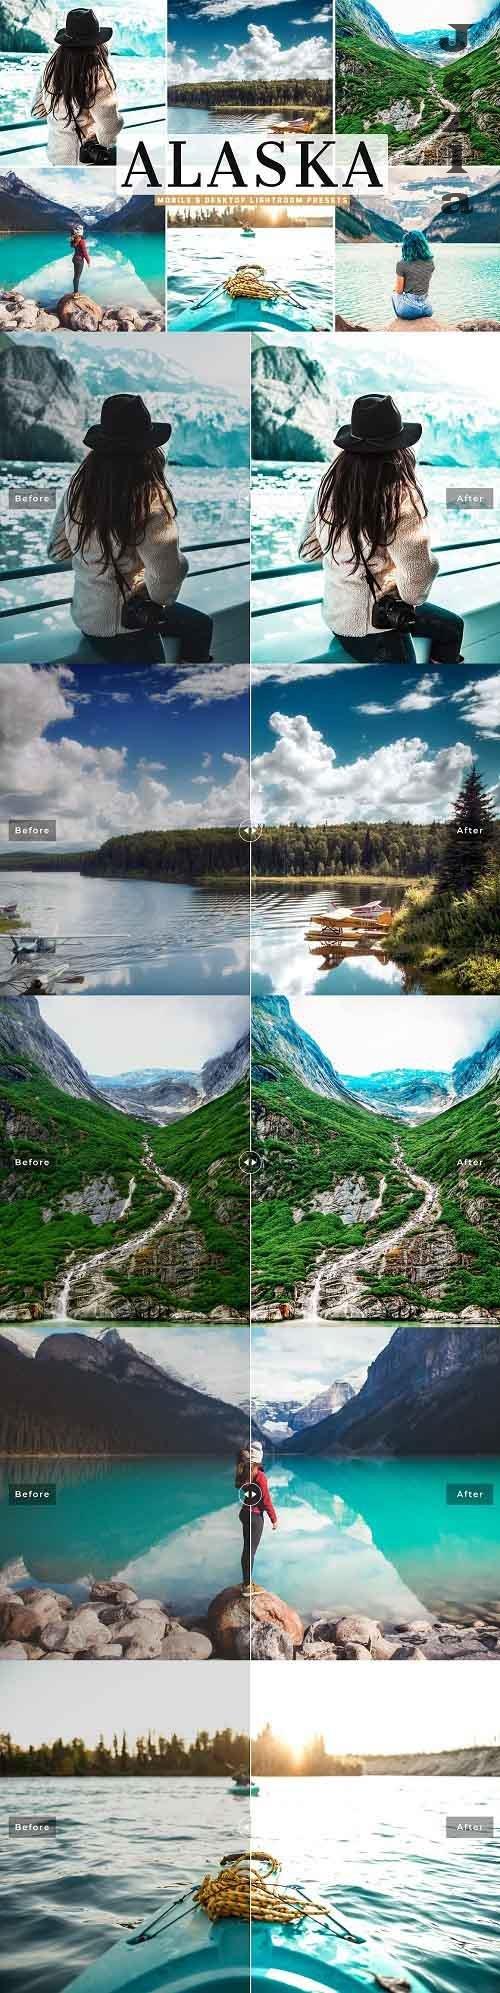 Alaska Pro Lightroom Presets - 5333858 - Mobile & Desktop